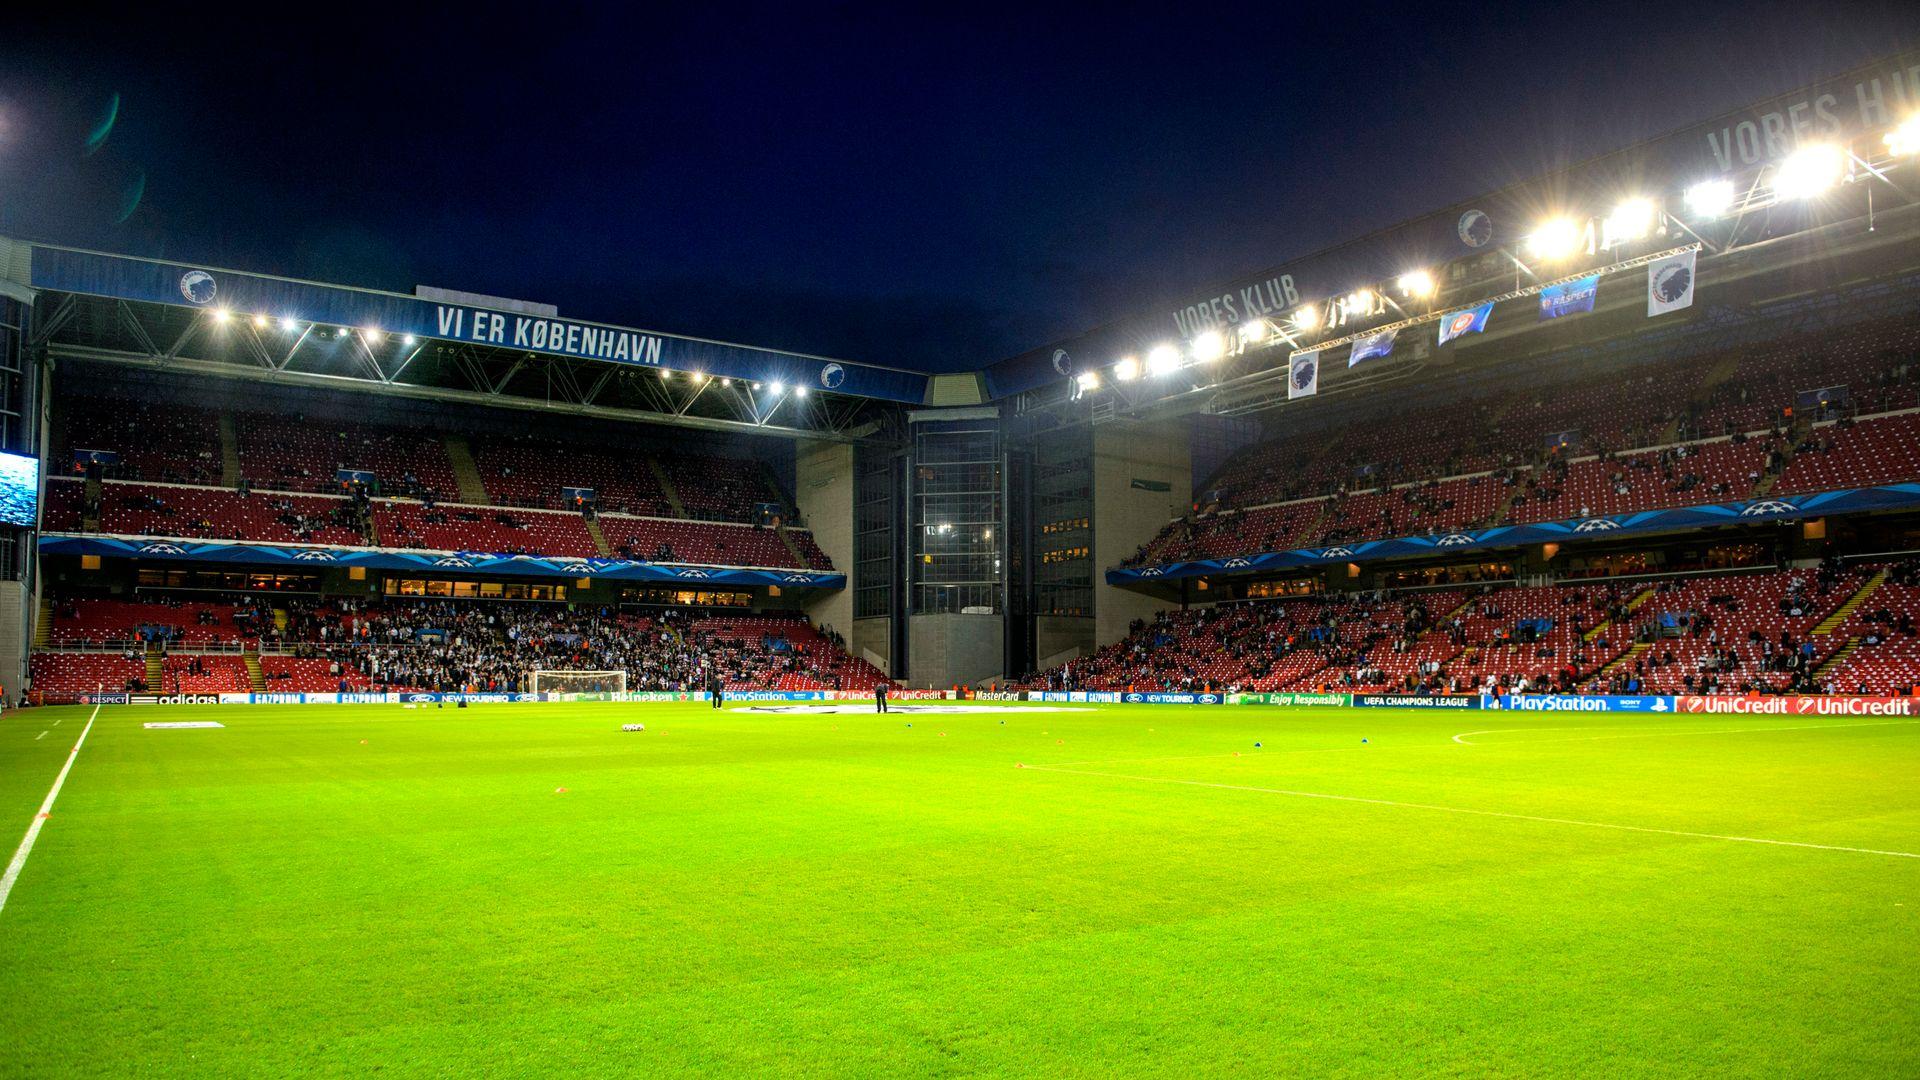 Denmark to host Euro 2020 games despite Tour de France clash